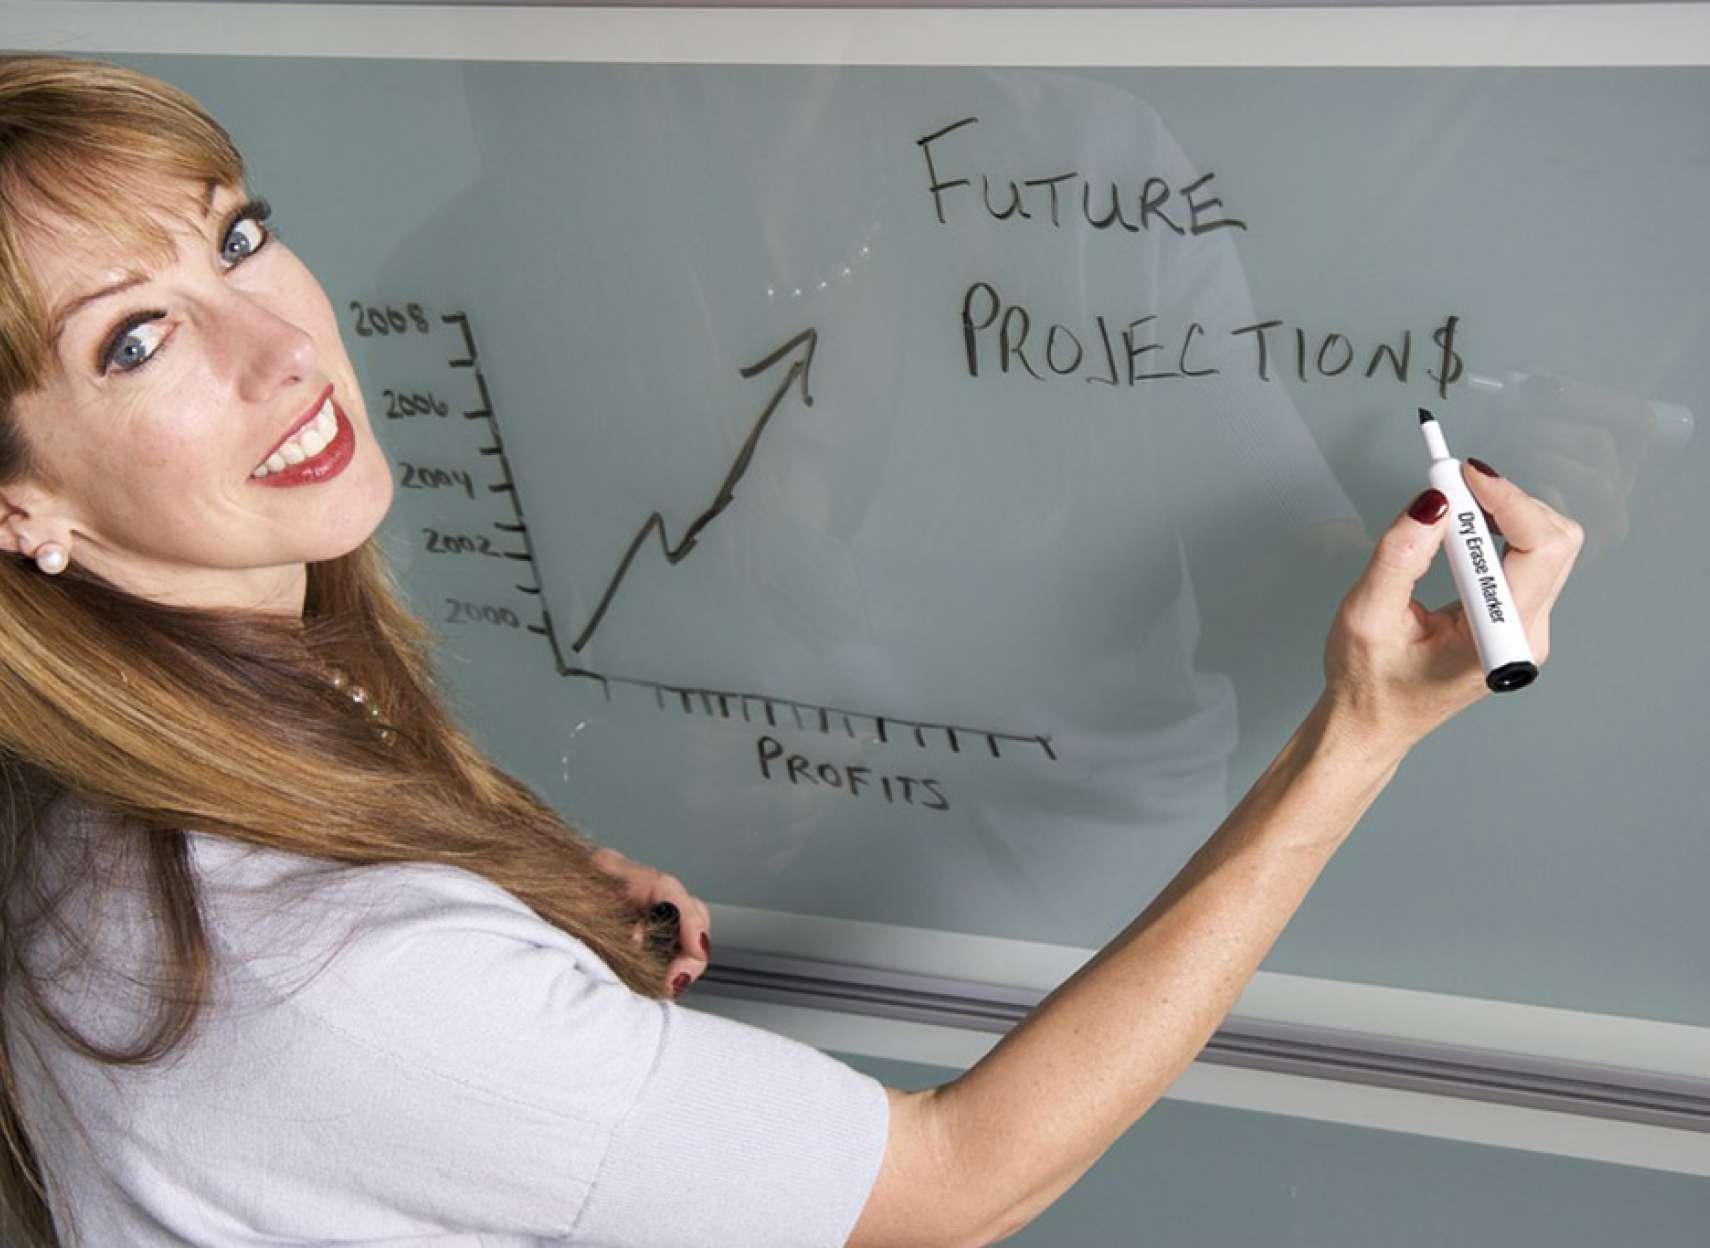 آموزش-کاظمزاده-چگونه-معلم-شویم